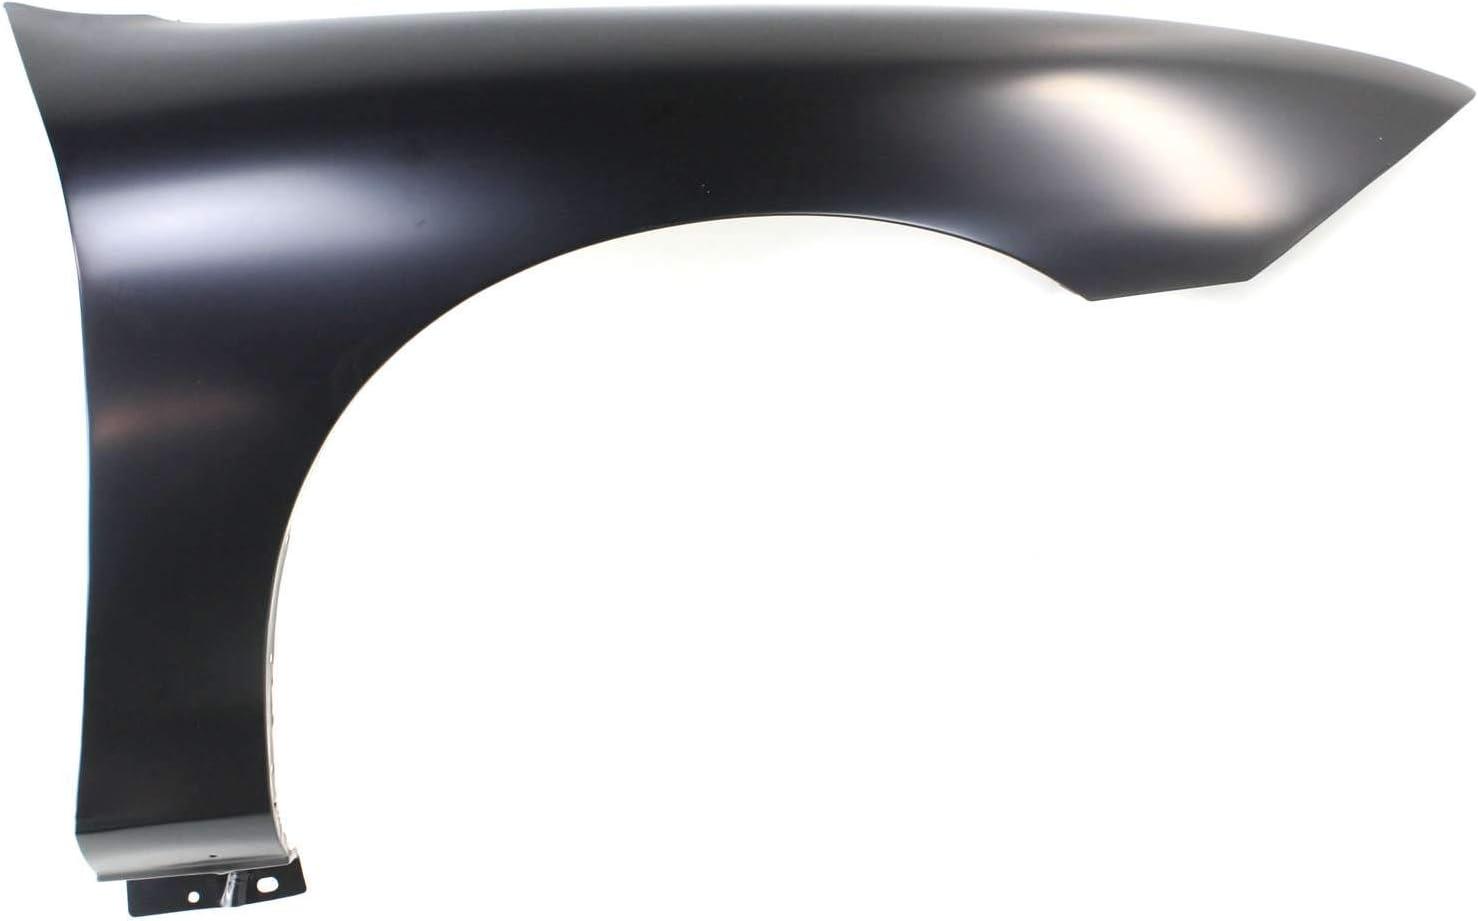 GM1249119 Fender Splash Shield for 03-05 Chevrolet Cavalier Front RH Side